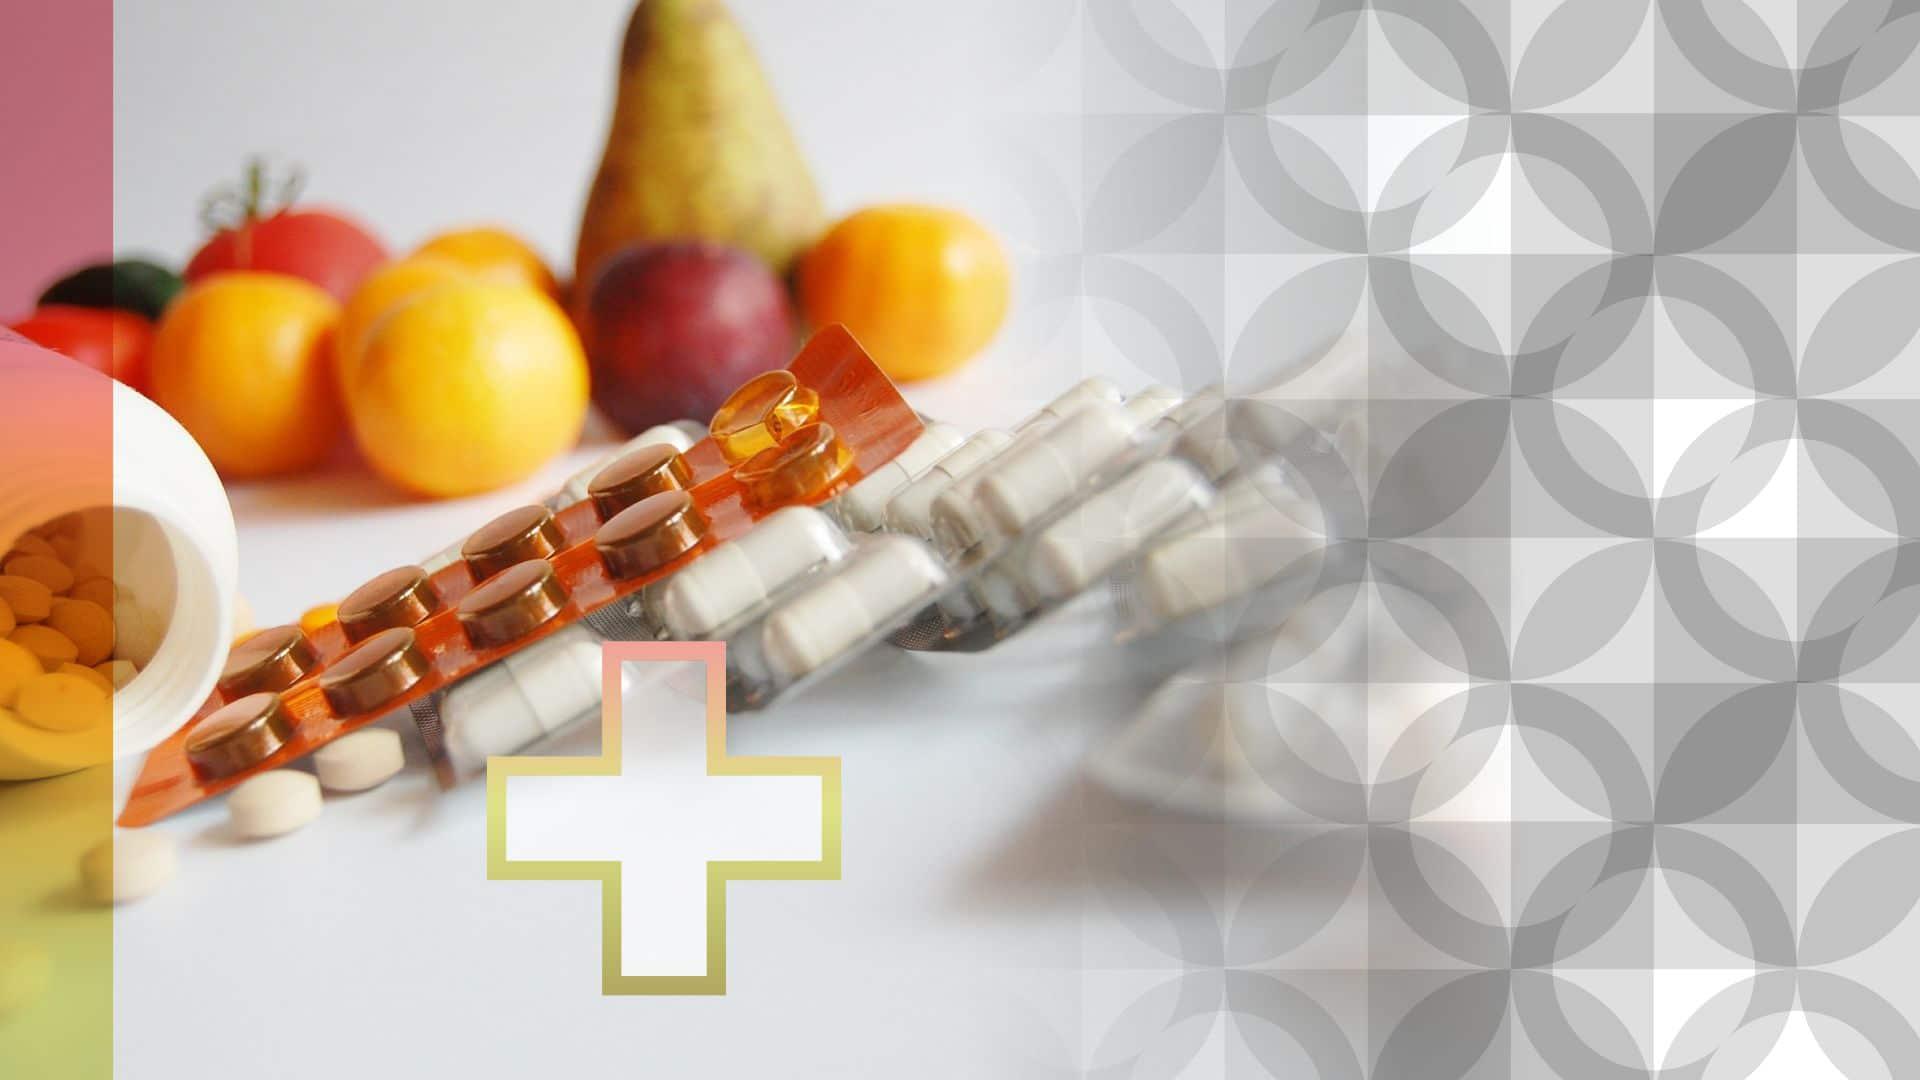 listado de medicamentos fotosensibles